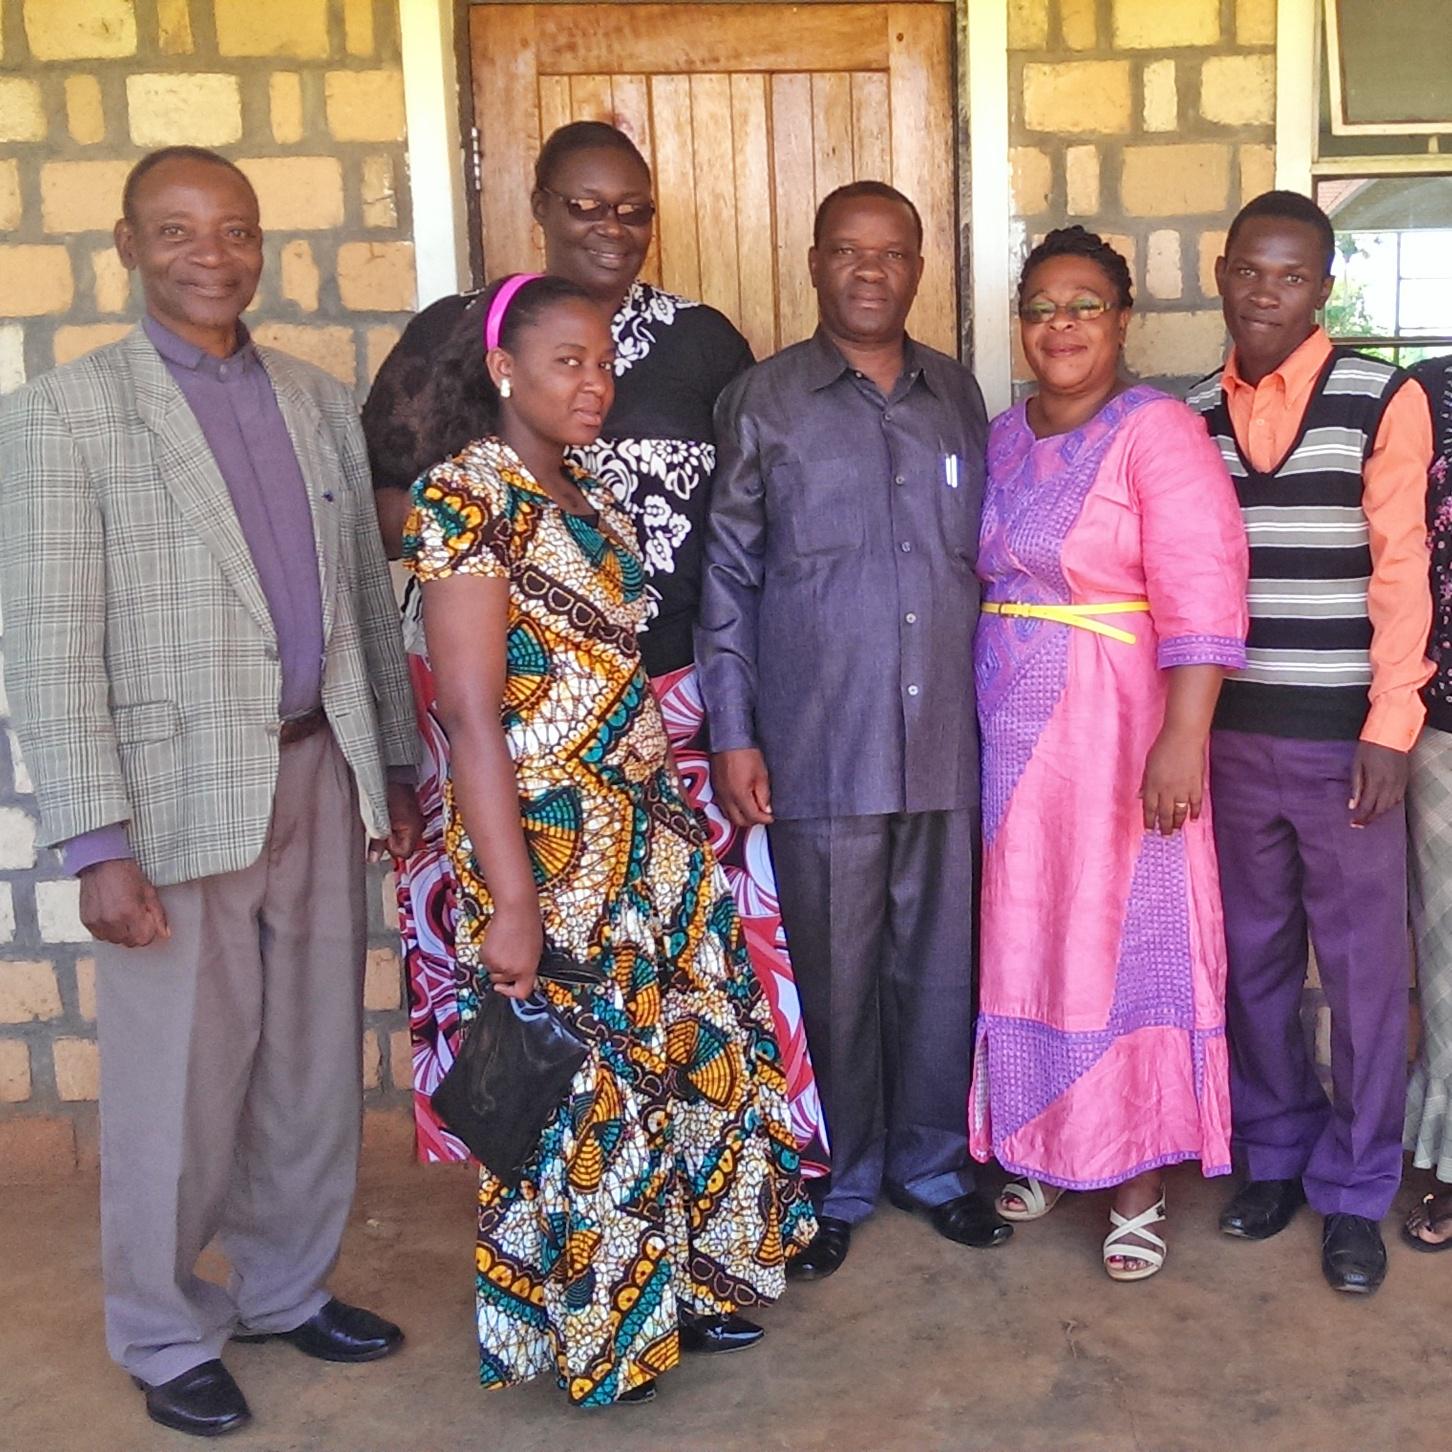 Ökumenische Lernreise im Evangelischen Kirchenkreis Paderborn AUSTAUSCH Partner aus Tansania lernen deutsches Bildungssystem kennen